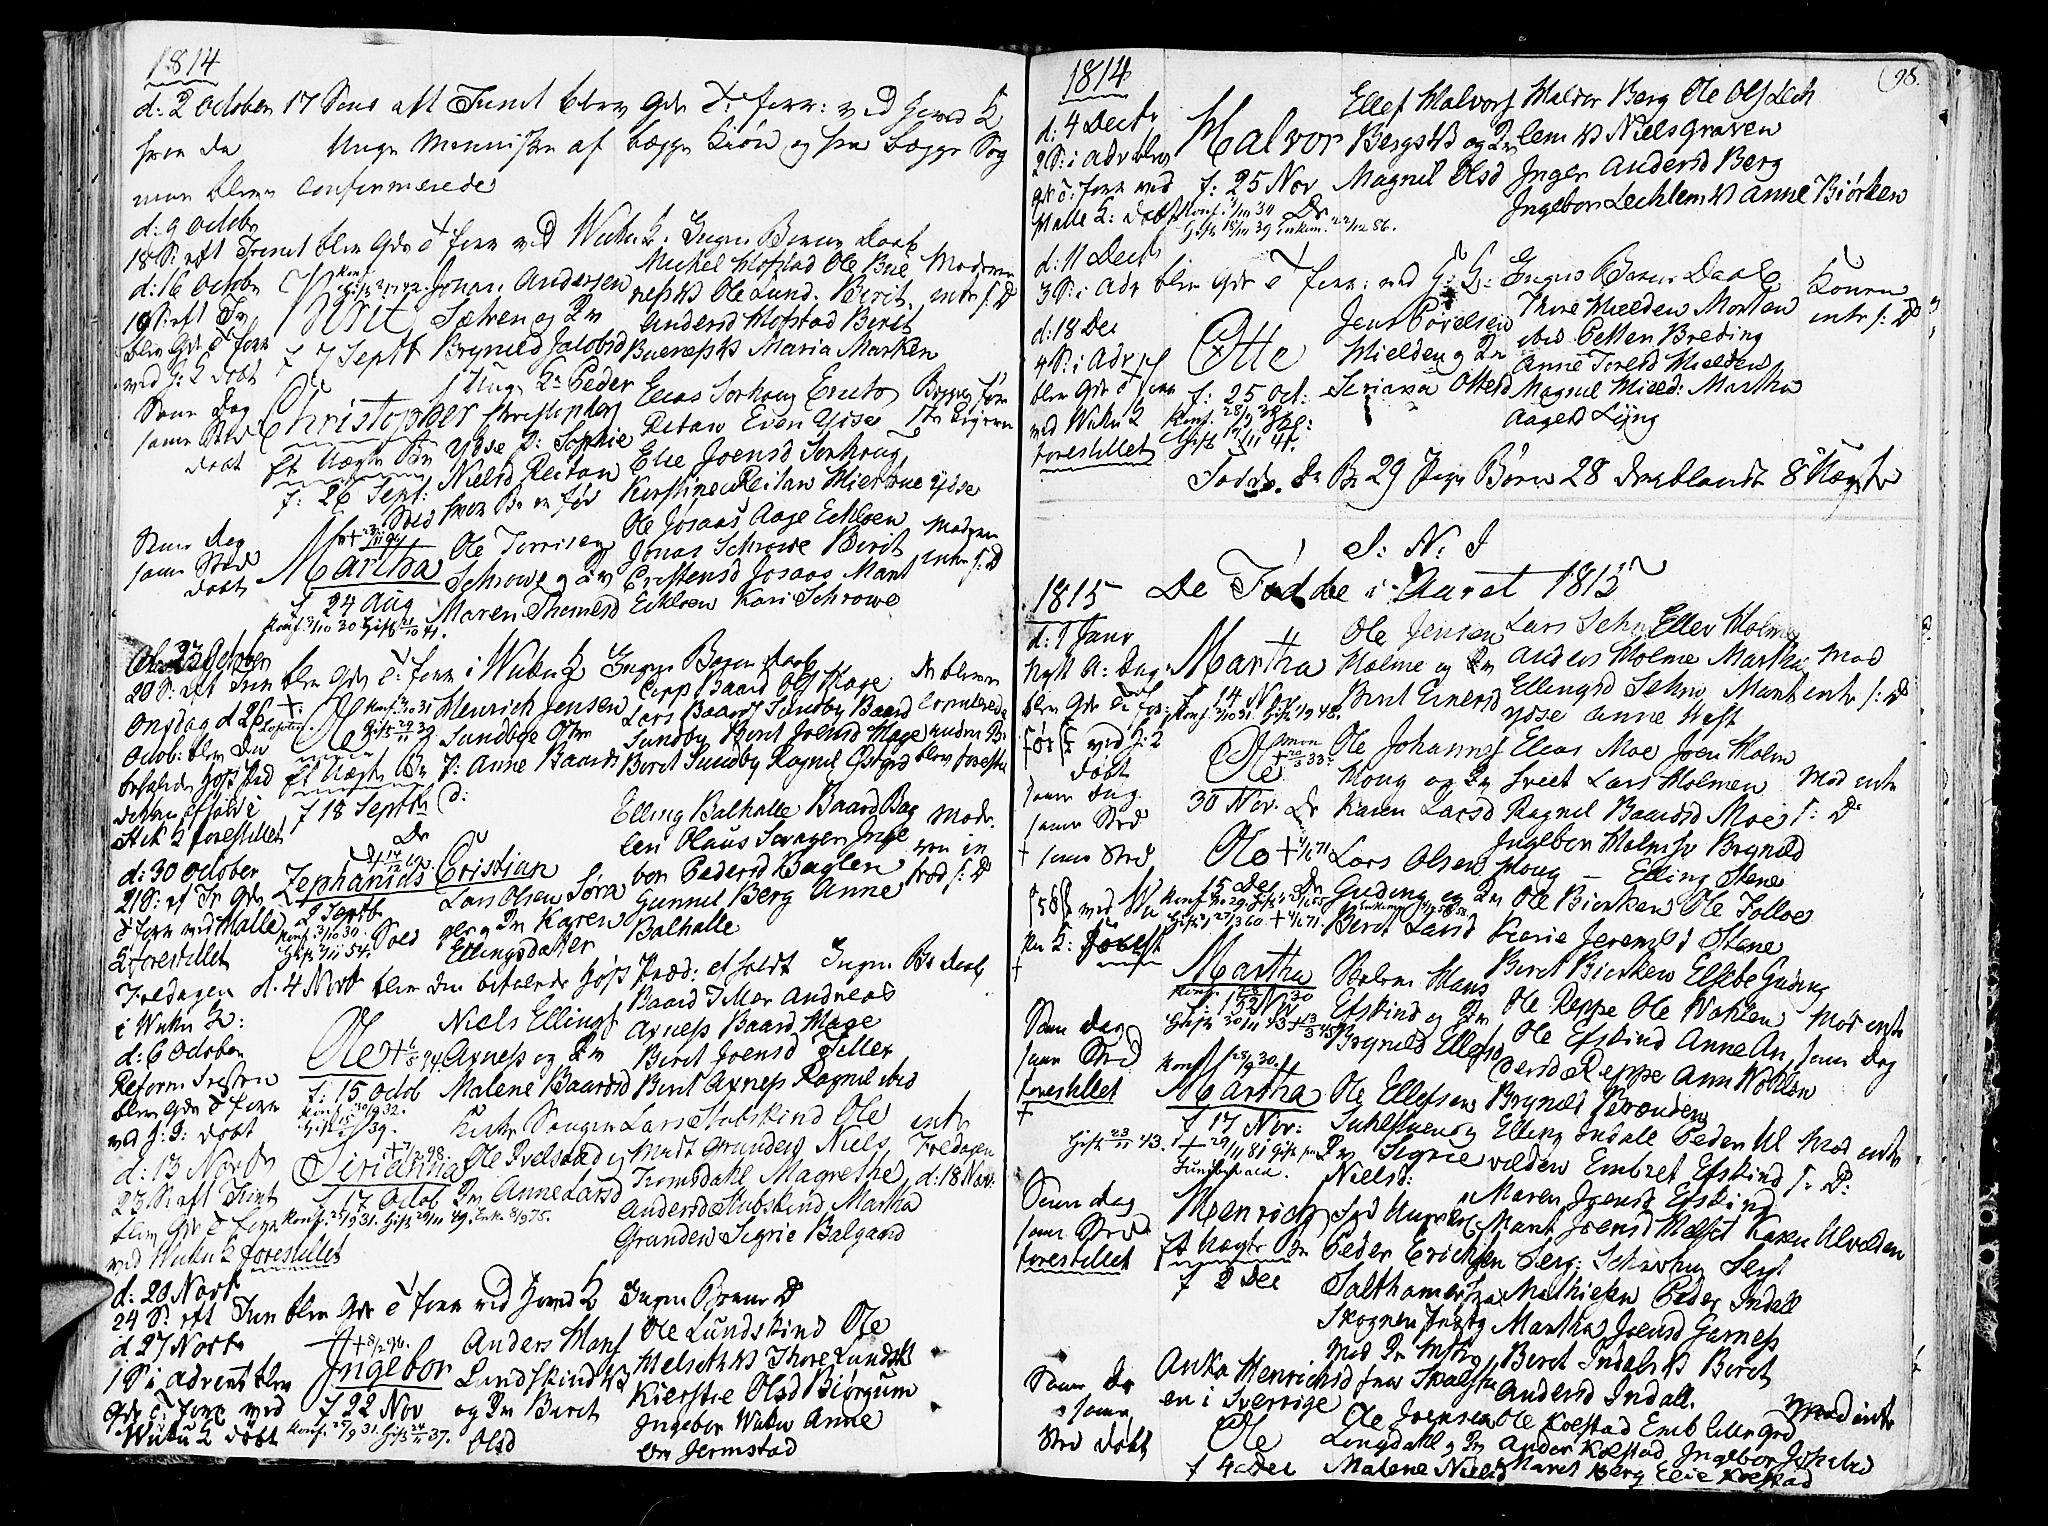 SAT, Ministerialprotokoller, klokkerbøker og fødselsregistre - Nord-Trøndelag, 723/L0233: Ministerialbok nr. 723A04, 1805-1816, s. 98